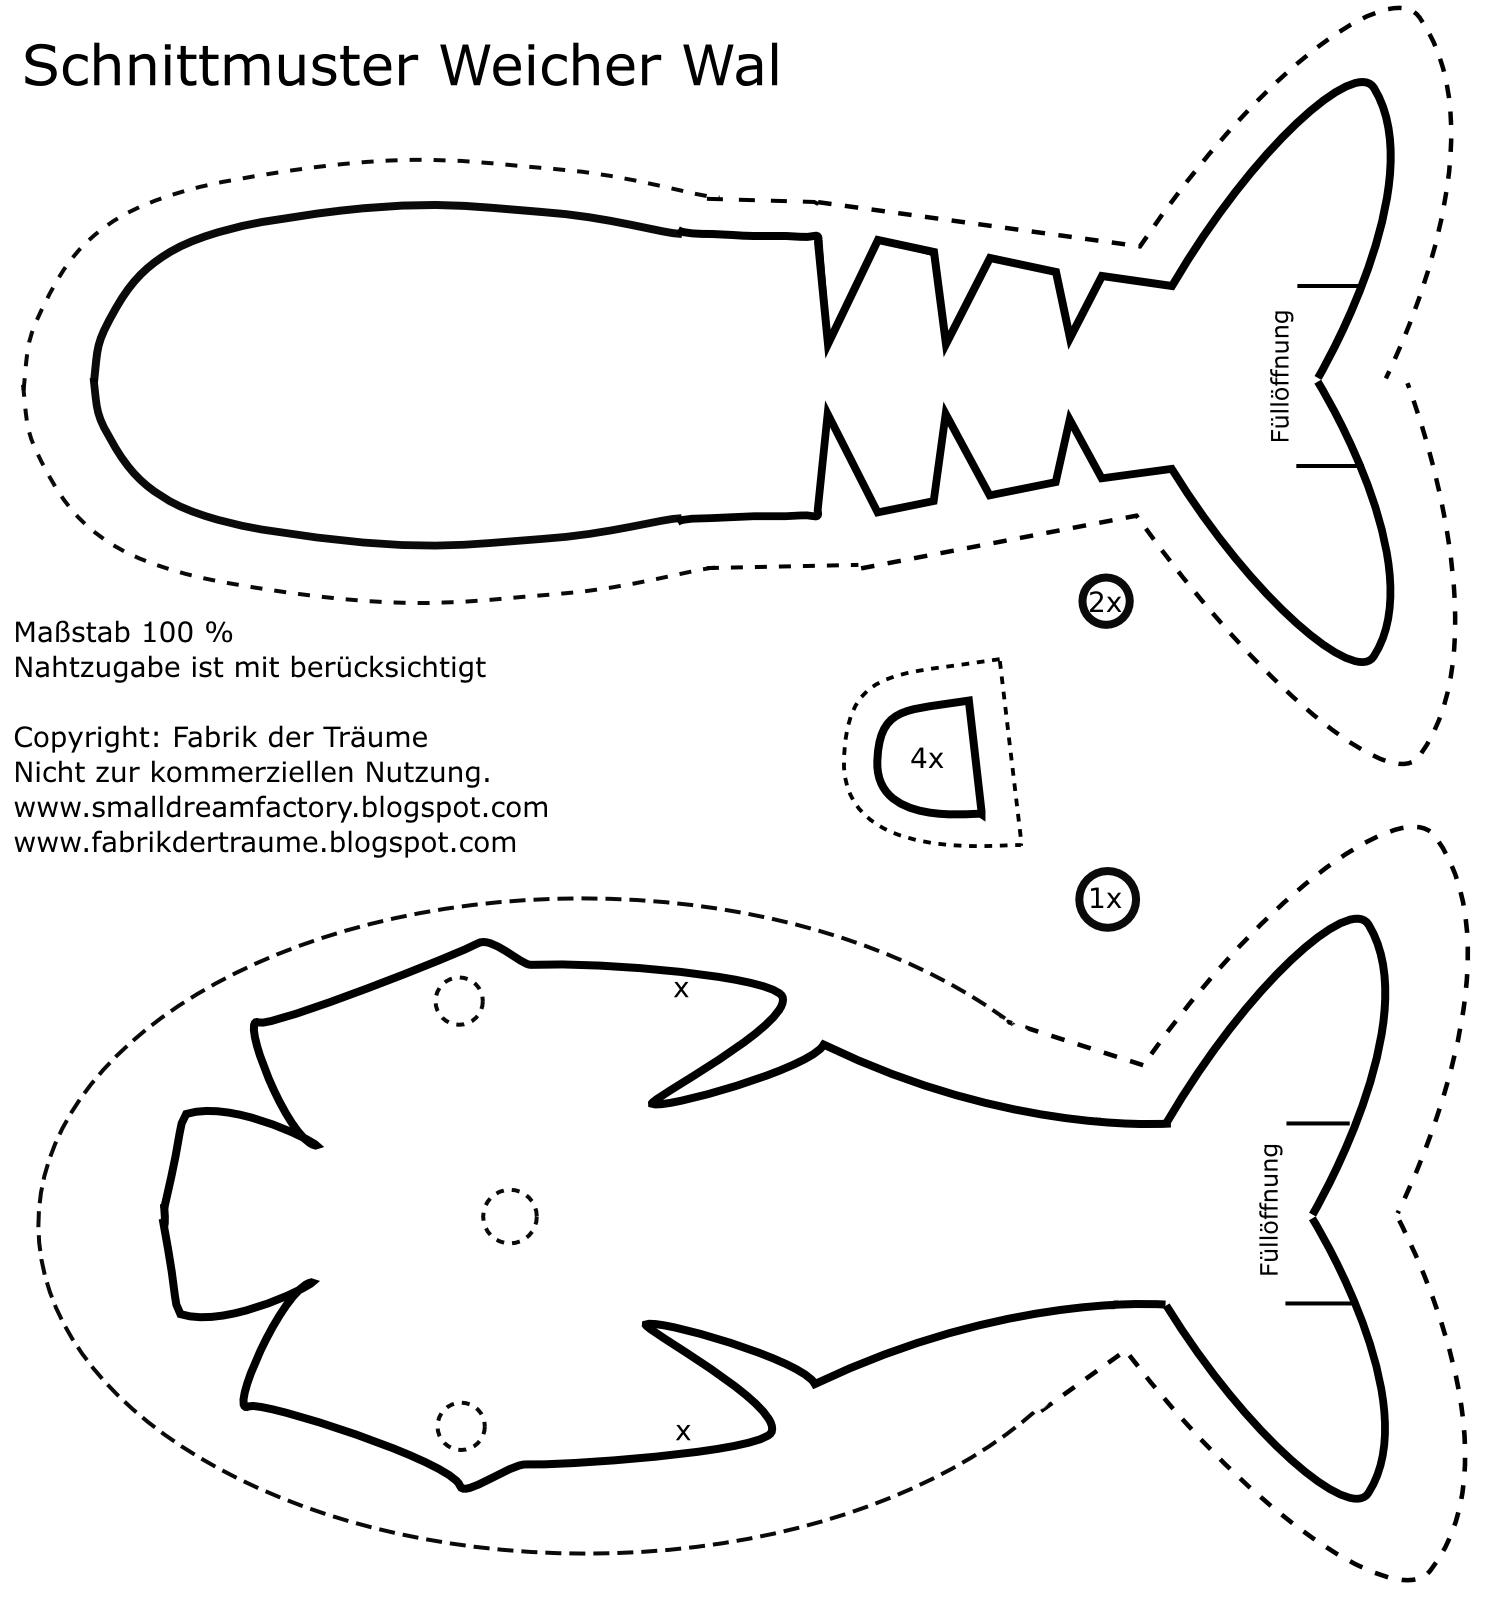 Fabrik der Träume: Kostenloses Schnittmuster Weicher Wal